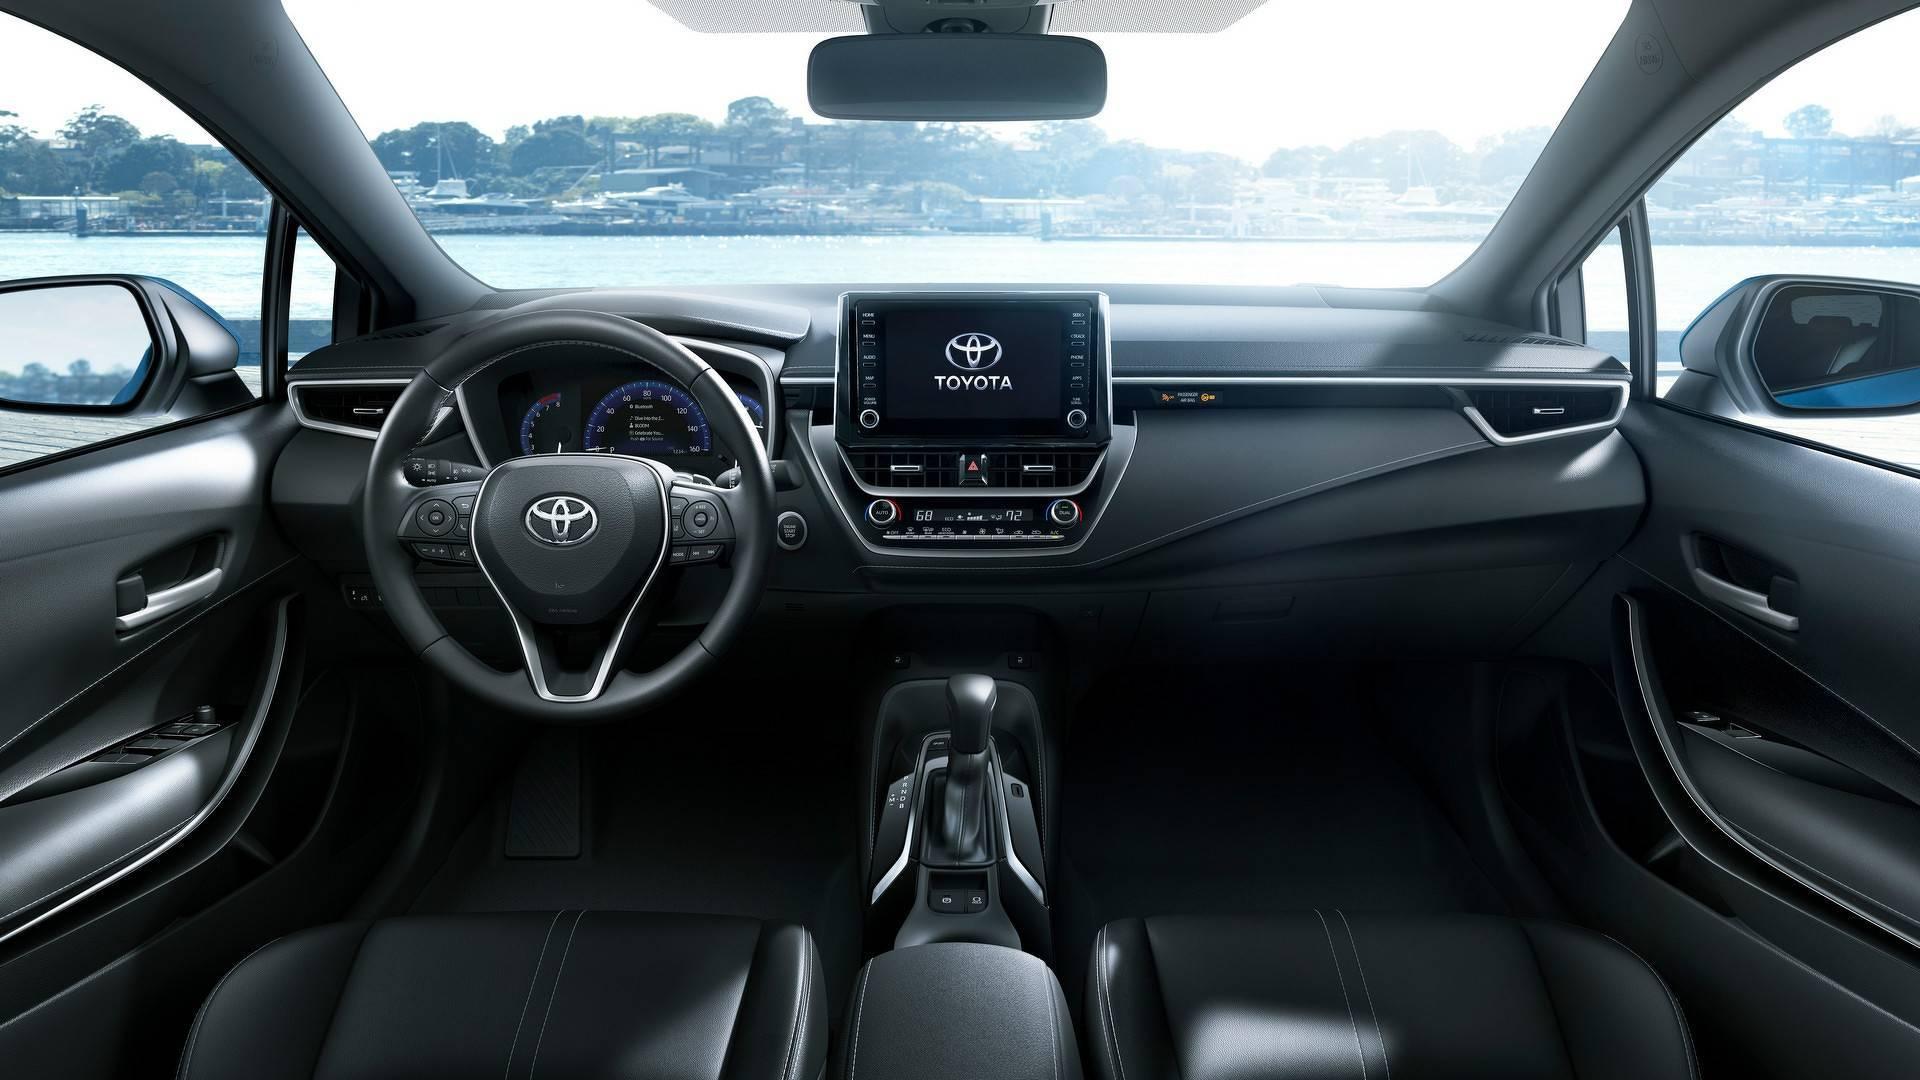 Toyota рассекретила хетчбэк Corolla нового поколения 2